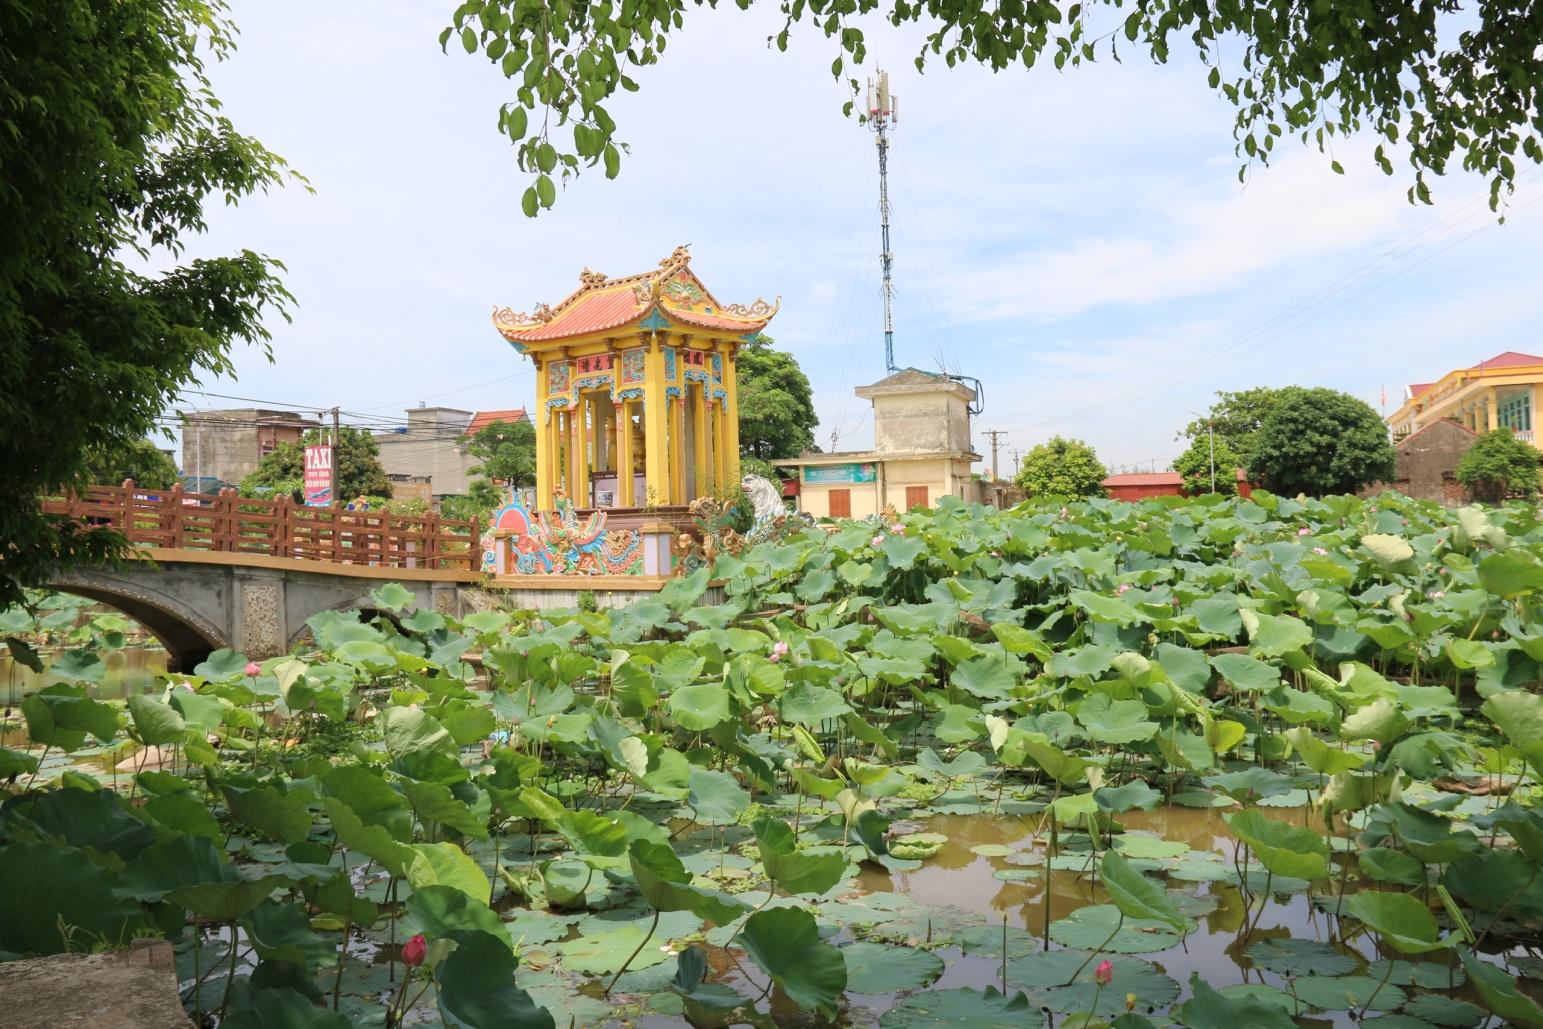 Trung tâm xã tạo dựng cảnh quan xanh mát bên cạnh đài tưởng niệm Nguyễn Công Trứ (người có công thành lập ra huyện Tiền Hải)